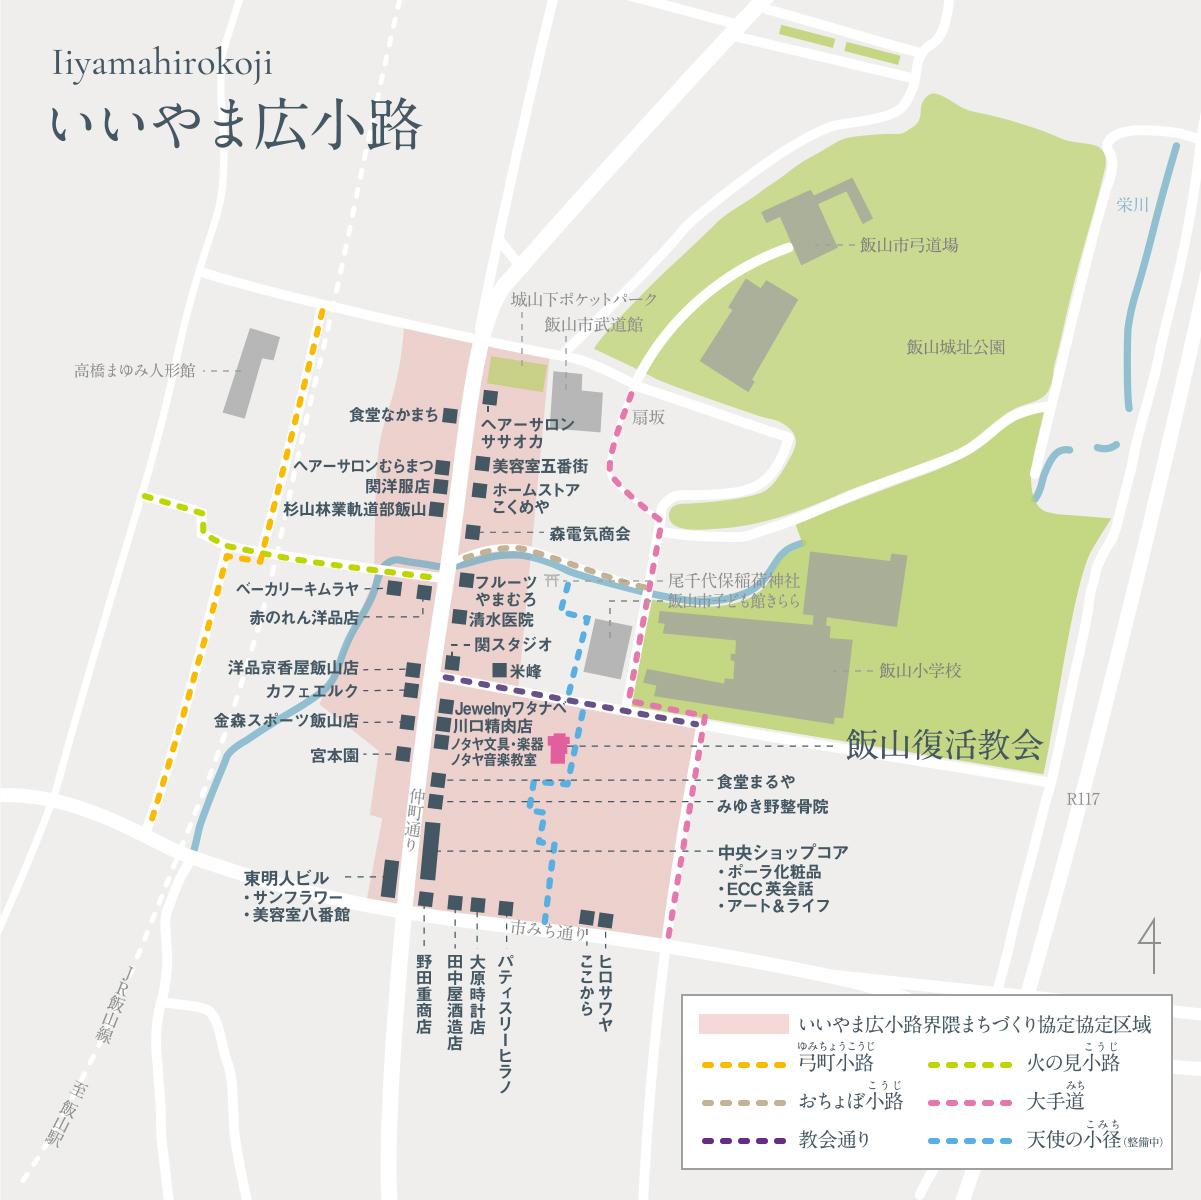 地図:いいやま広小路界隈まちづくり協定区域